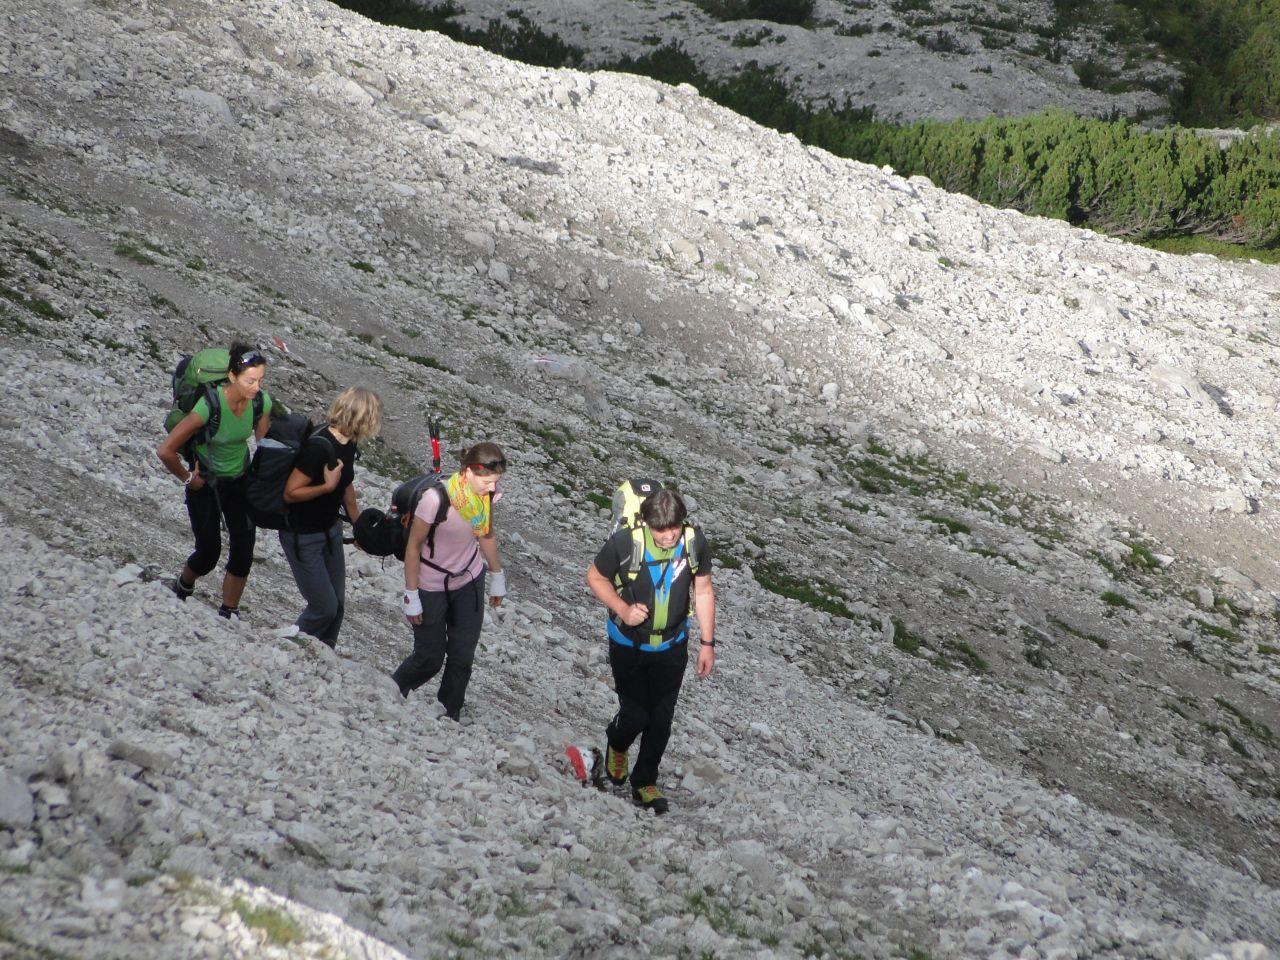 Klettersteig Wankspitze : Klettersteig wankspitze  alpenverein